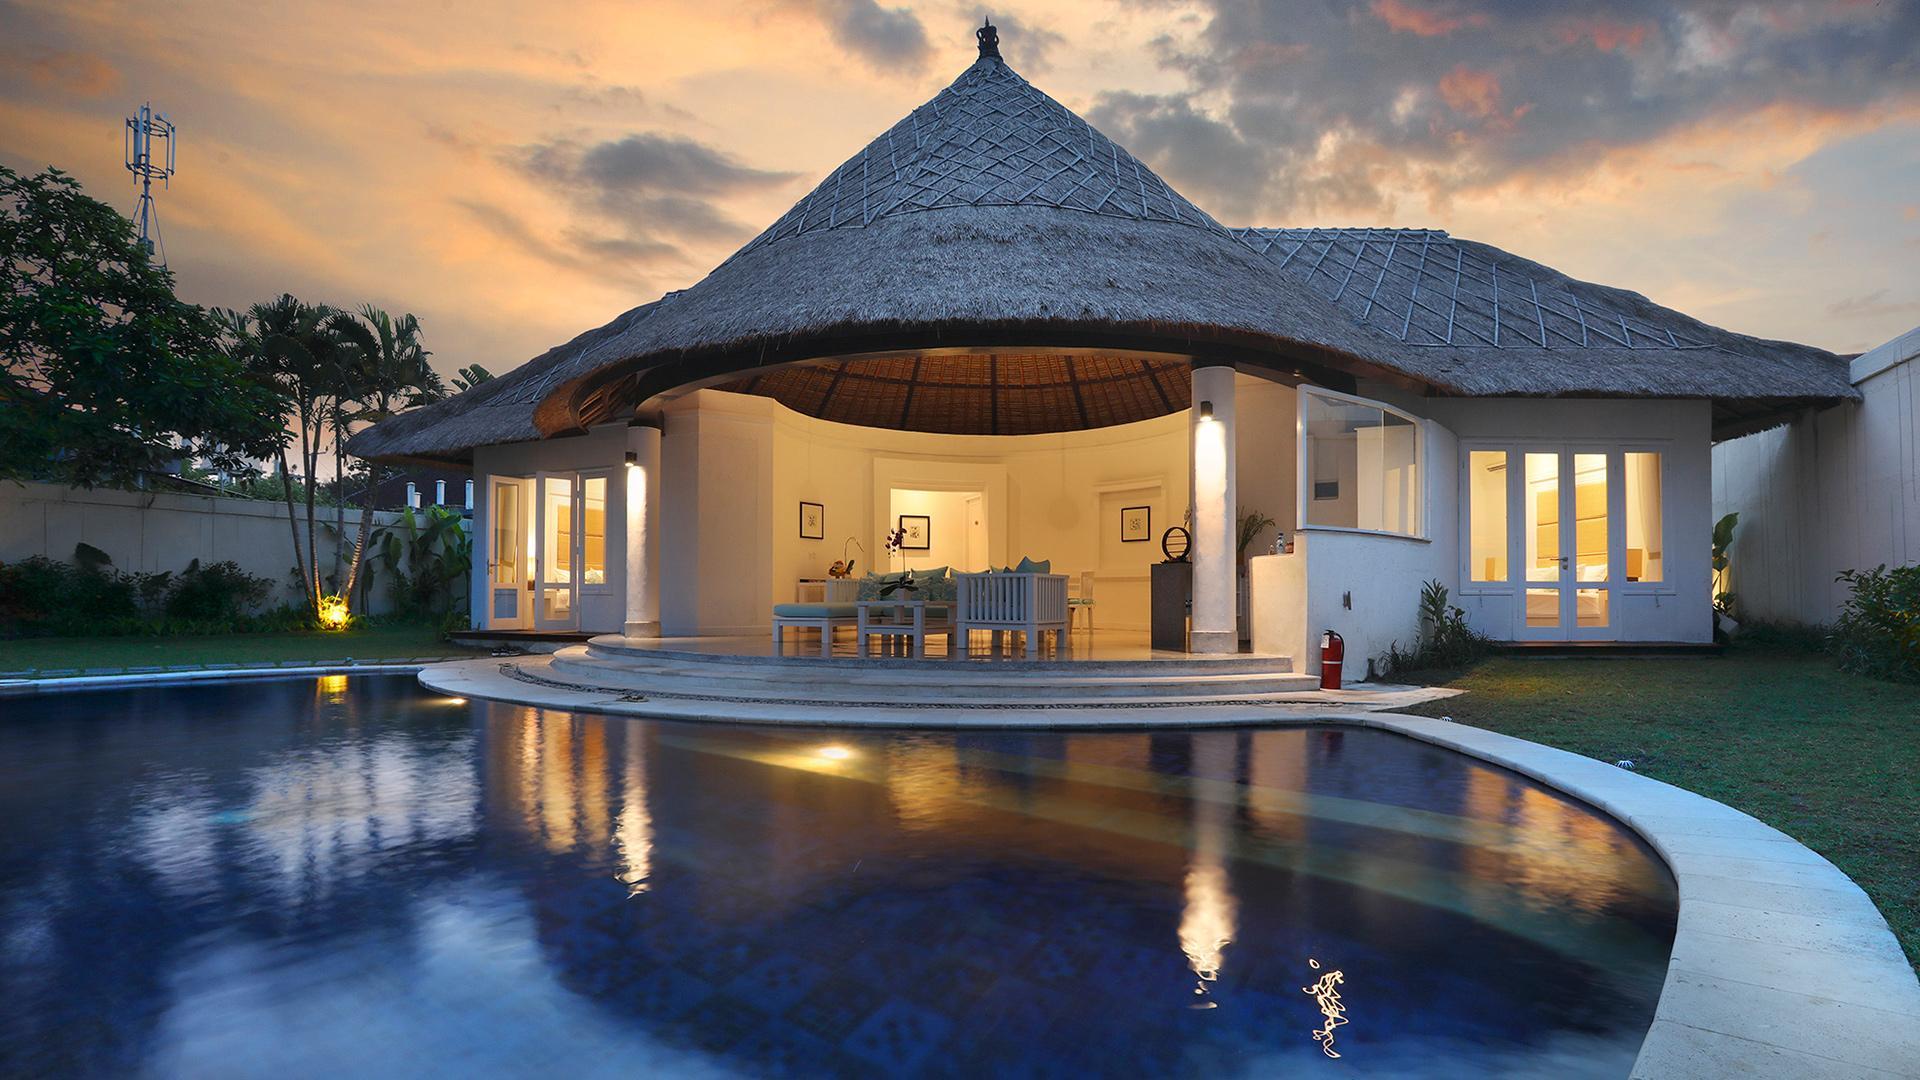 Three Bedroom Pool Villa image 1 at Alam Boutique Resort 2019 by Kabupaten Badung, Bali, Indonesia